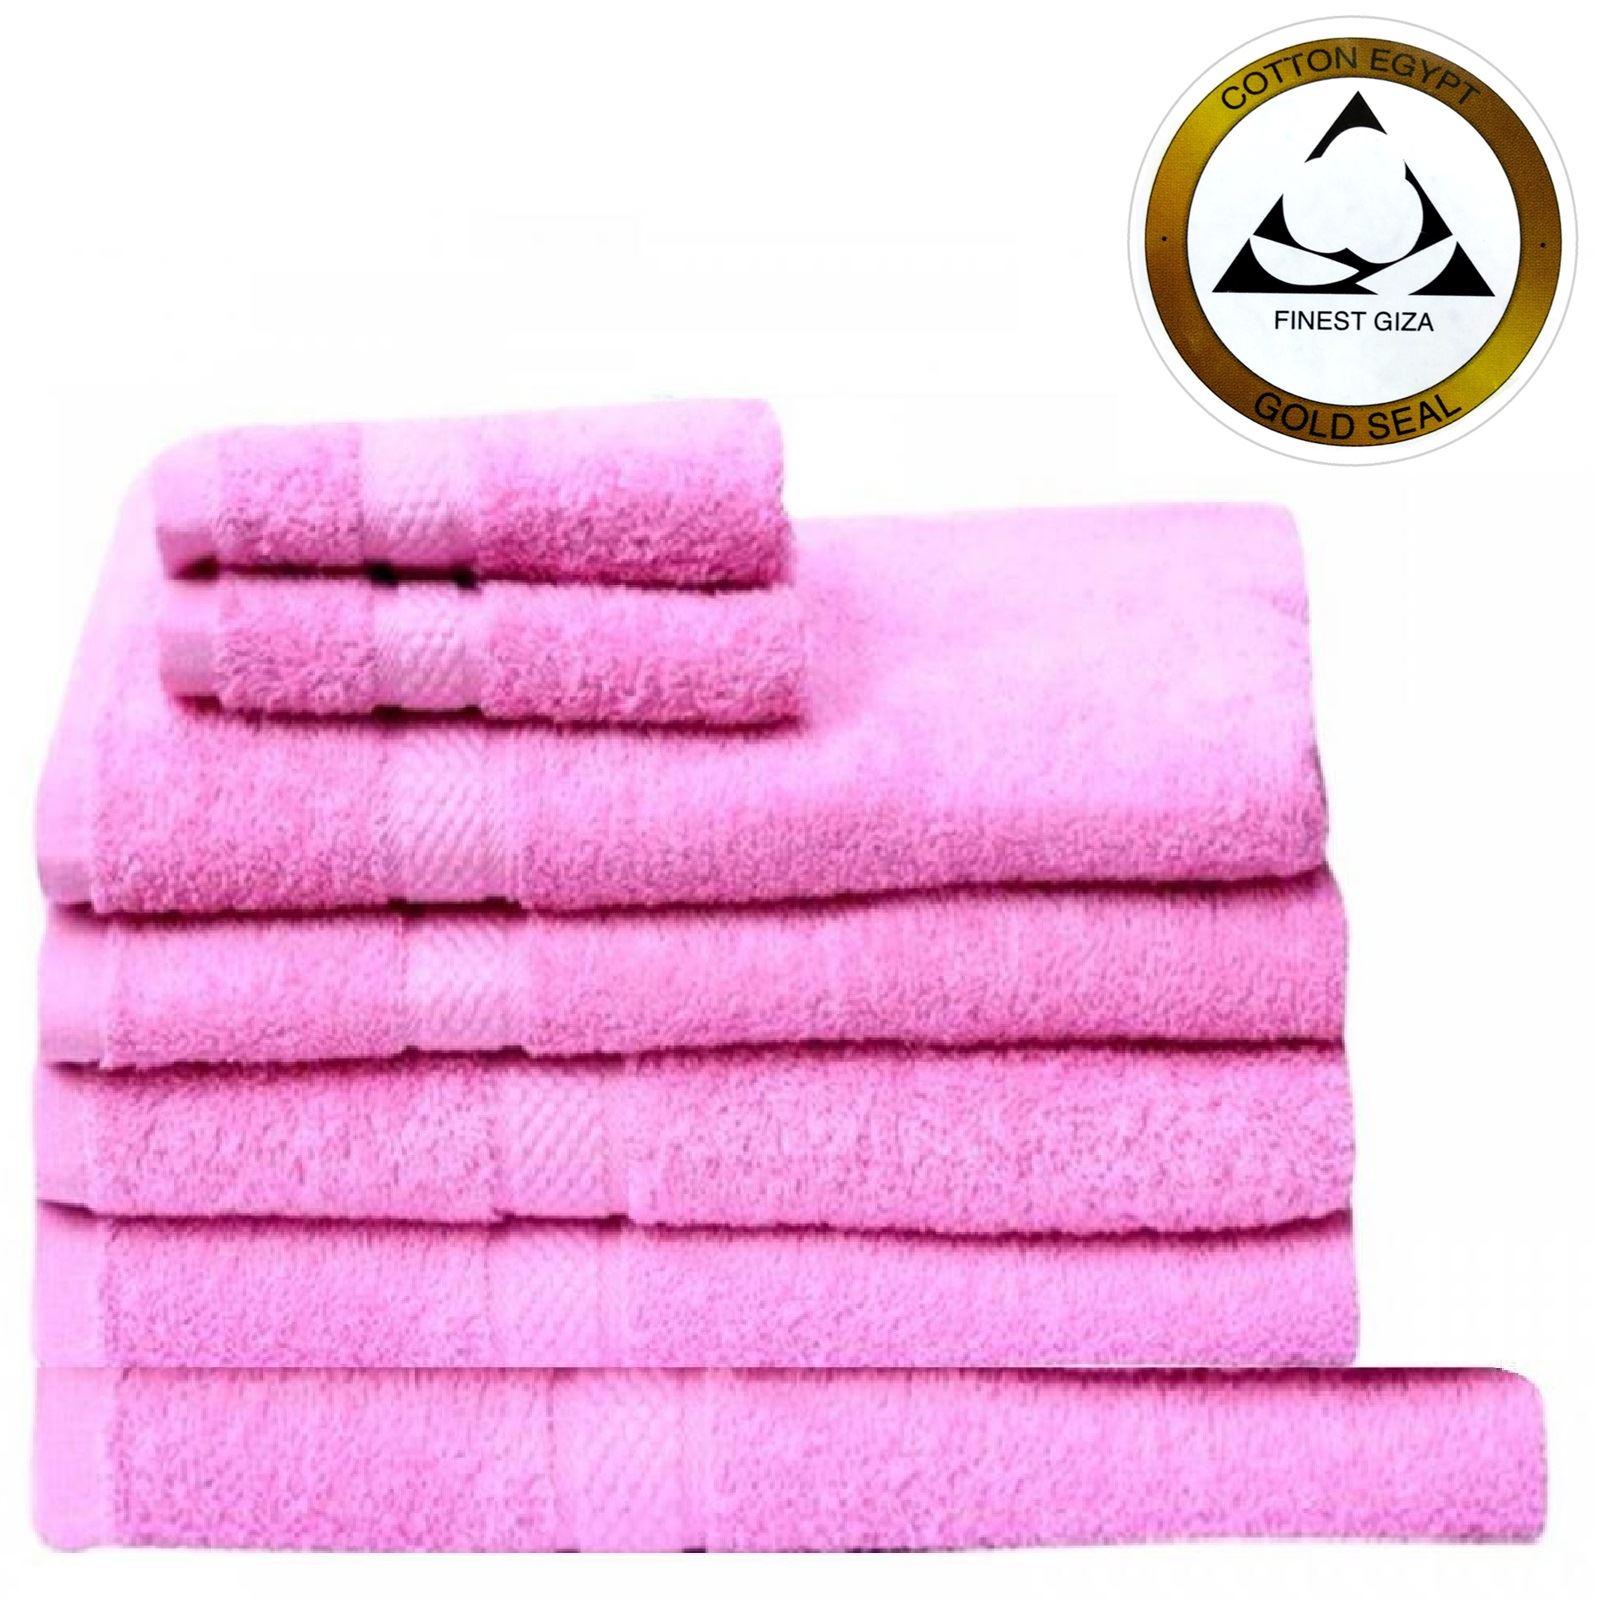 De lujo 7pzas mano algod n egipcio manto rostro toalla ba o s bana grueso suave ebay - Toallas algodon egipcio ...